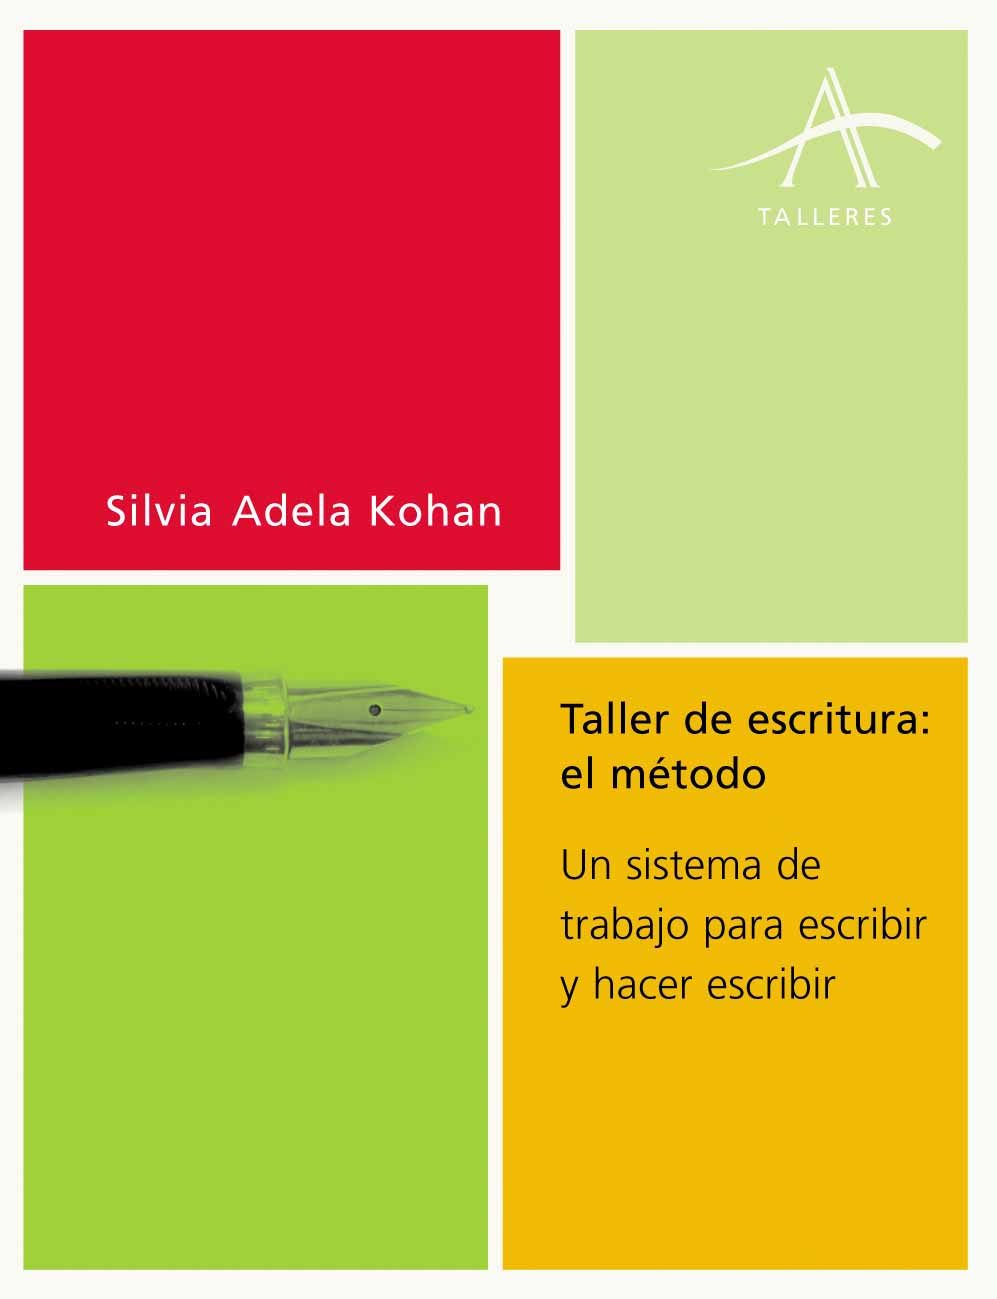 taller de escritura: el metodo. un sistema de trabajo para escrib ir y hacer escribir-silvia adela kohan-9788484282228